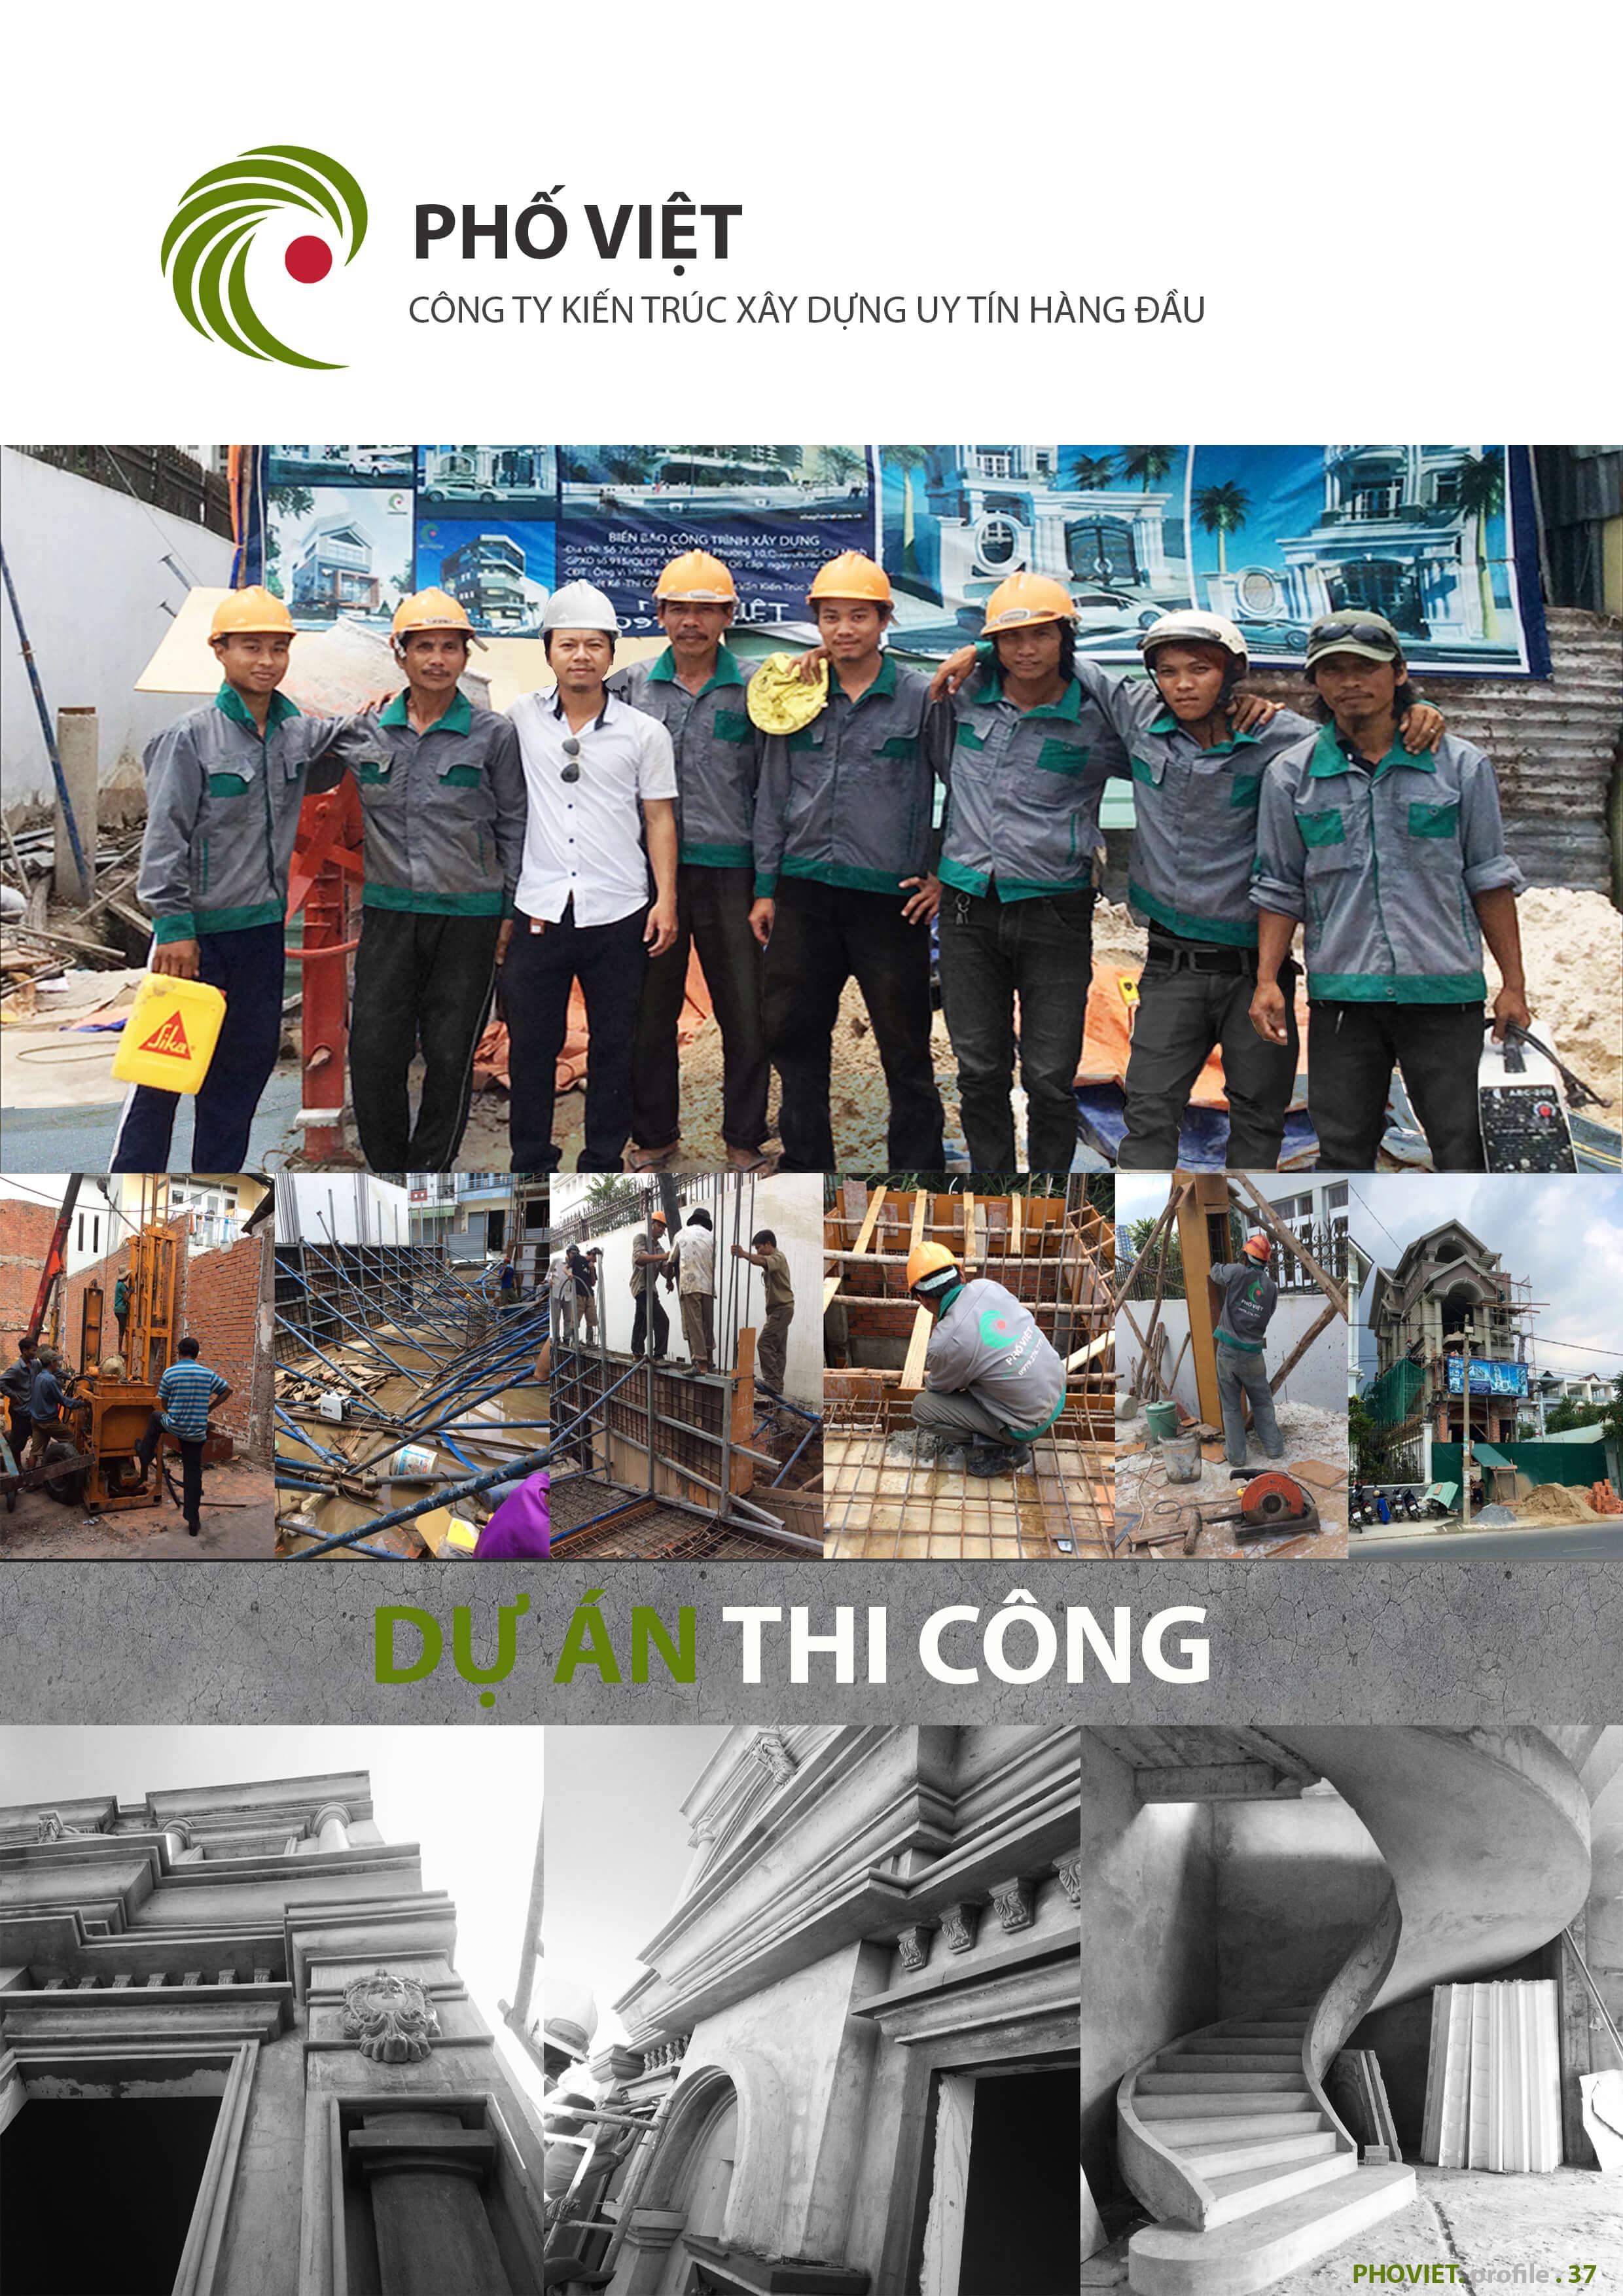 Công ty xây dựng nhà phố trọn gói - Phố Việt đã hoàn thiện hàng trăm công trình khác nhau với chất lượng và giá cả tốt nhất